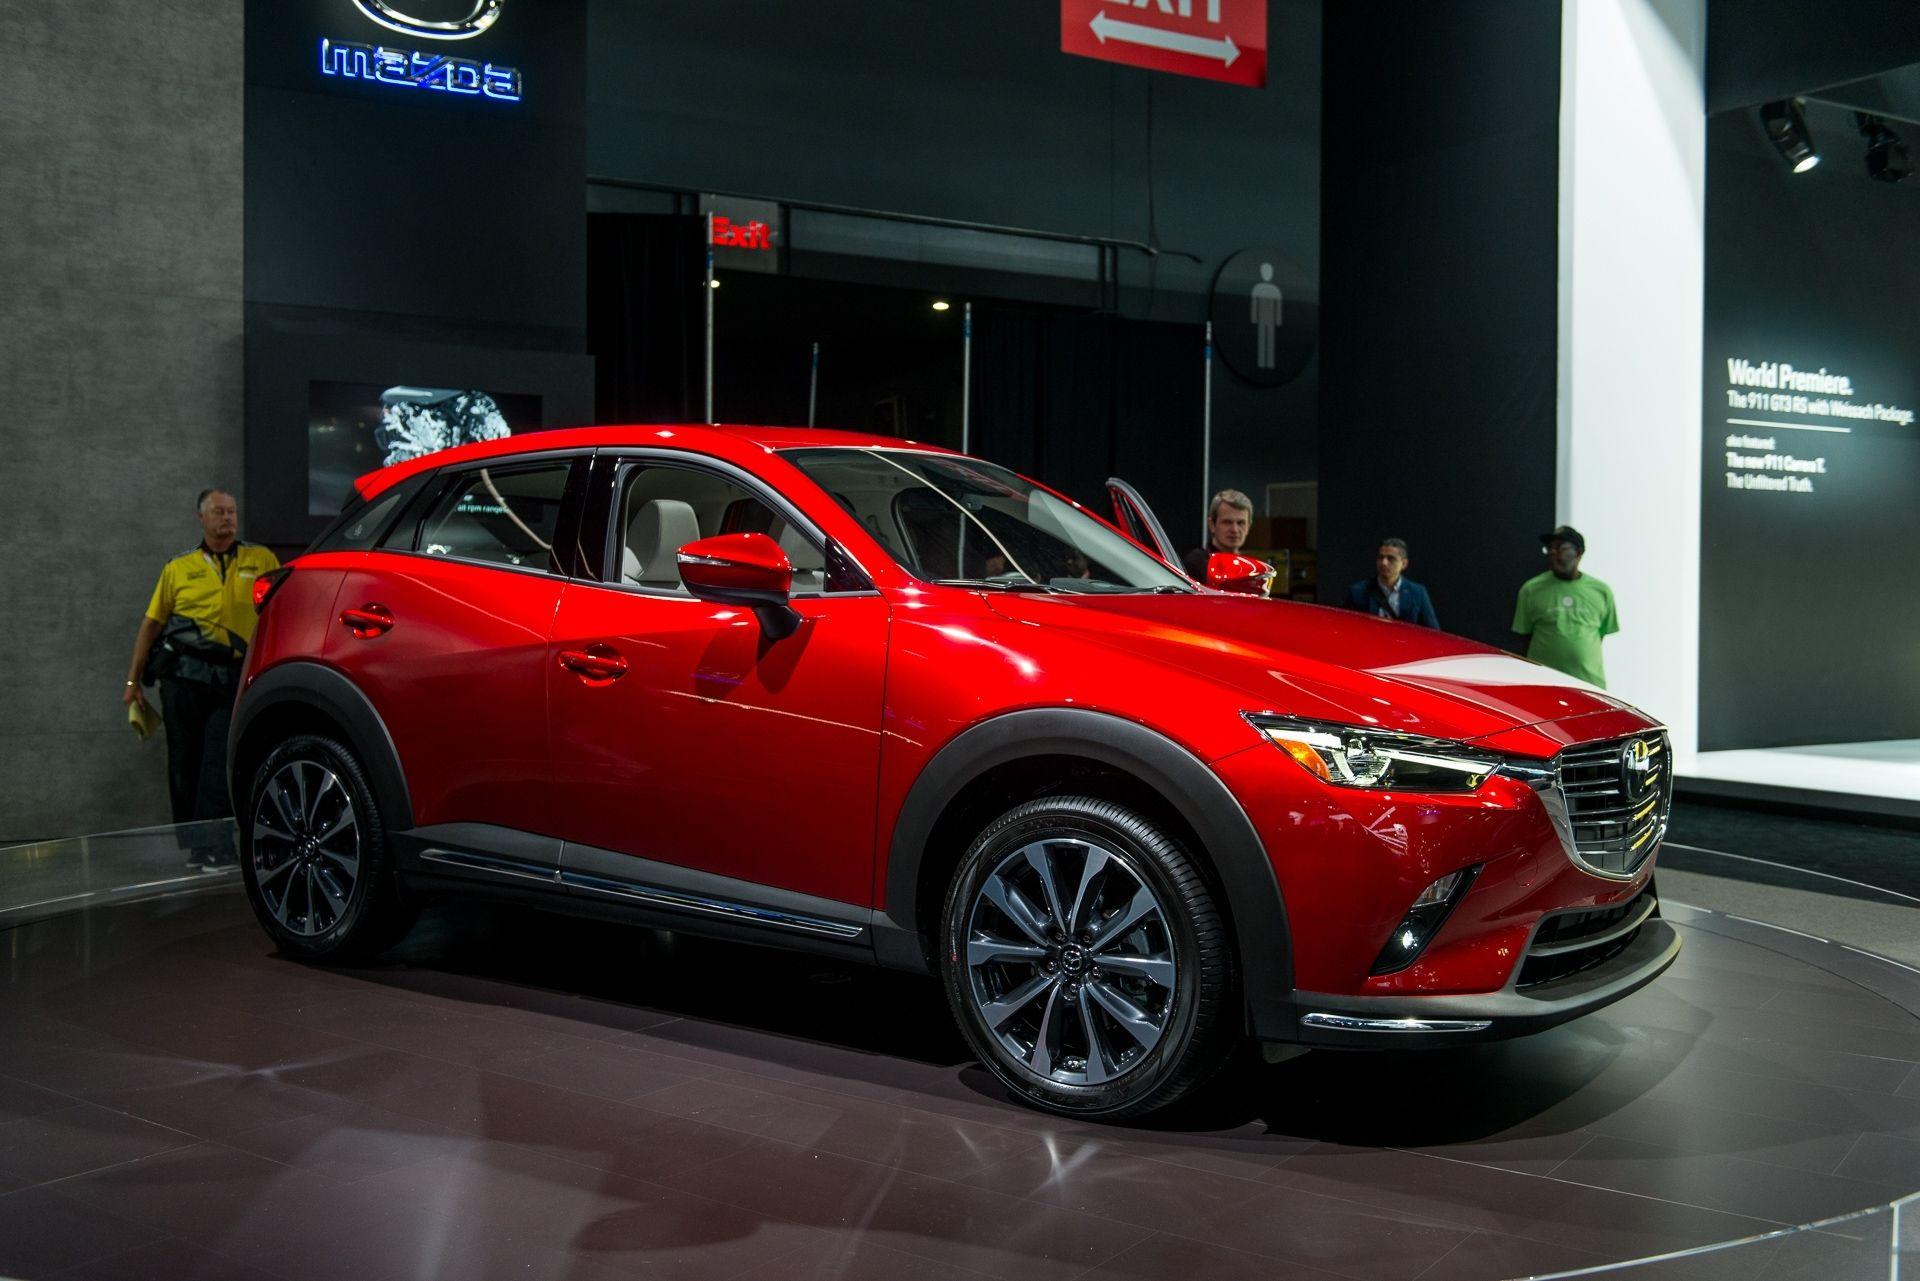 2019 Mazda Cx 3s New Release Mazda Cx3 Mazda Car